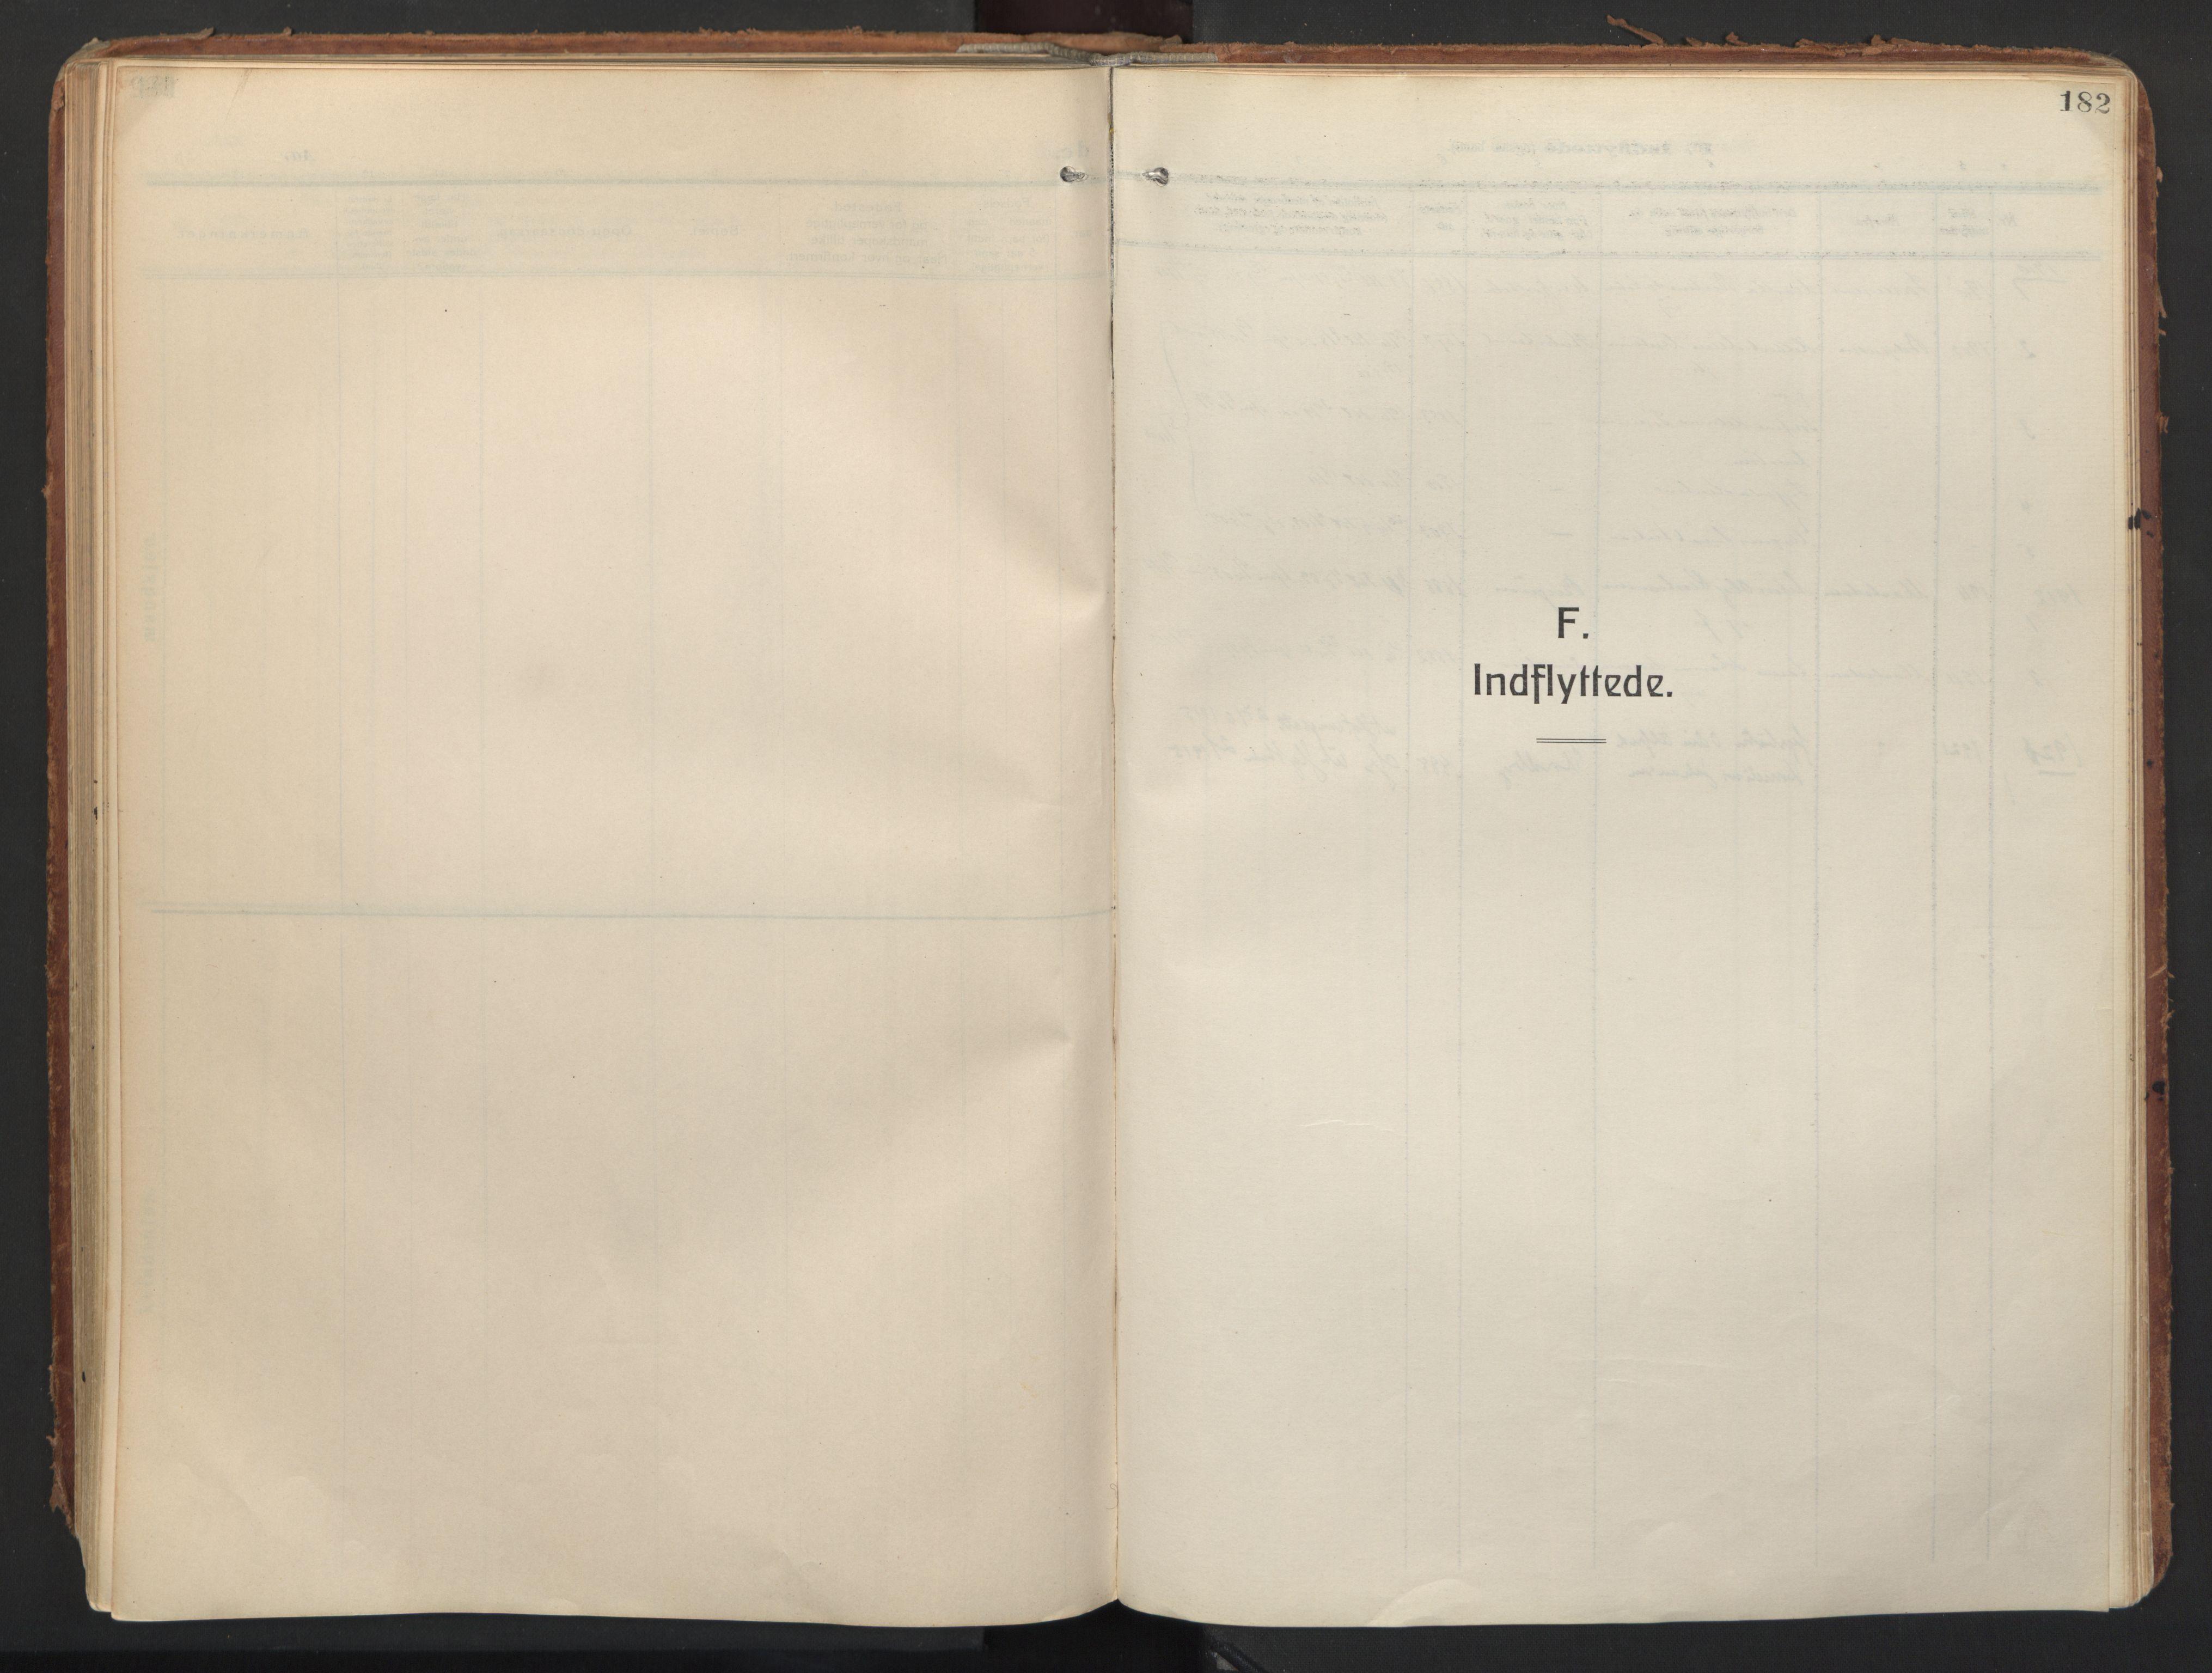 SATØ, Balsfjord sokneprestembete, Ministerialbok nr. 8, 1910-1927, s. 182